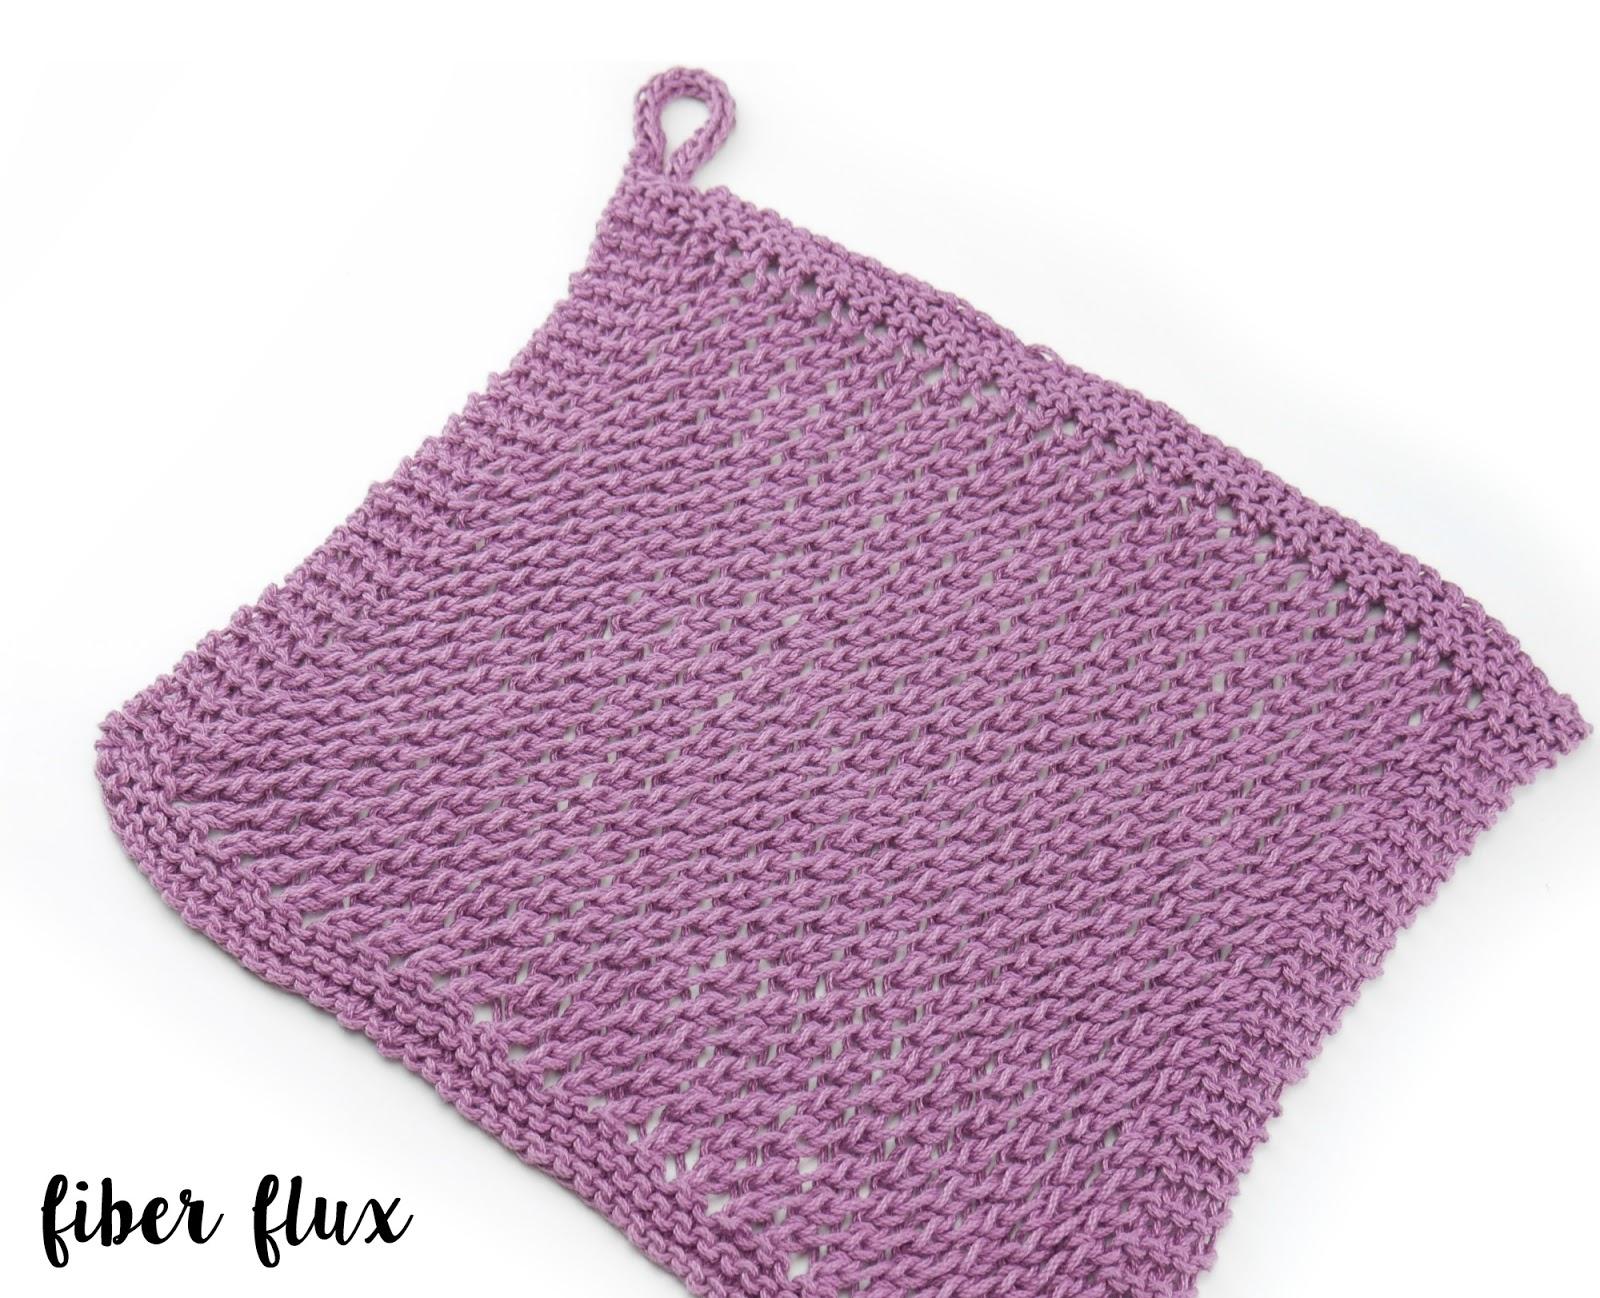 Knitting Equipment For Disabled : Fiber flux: august 2017